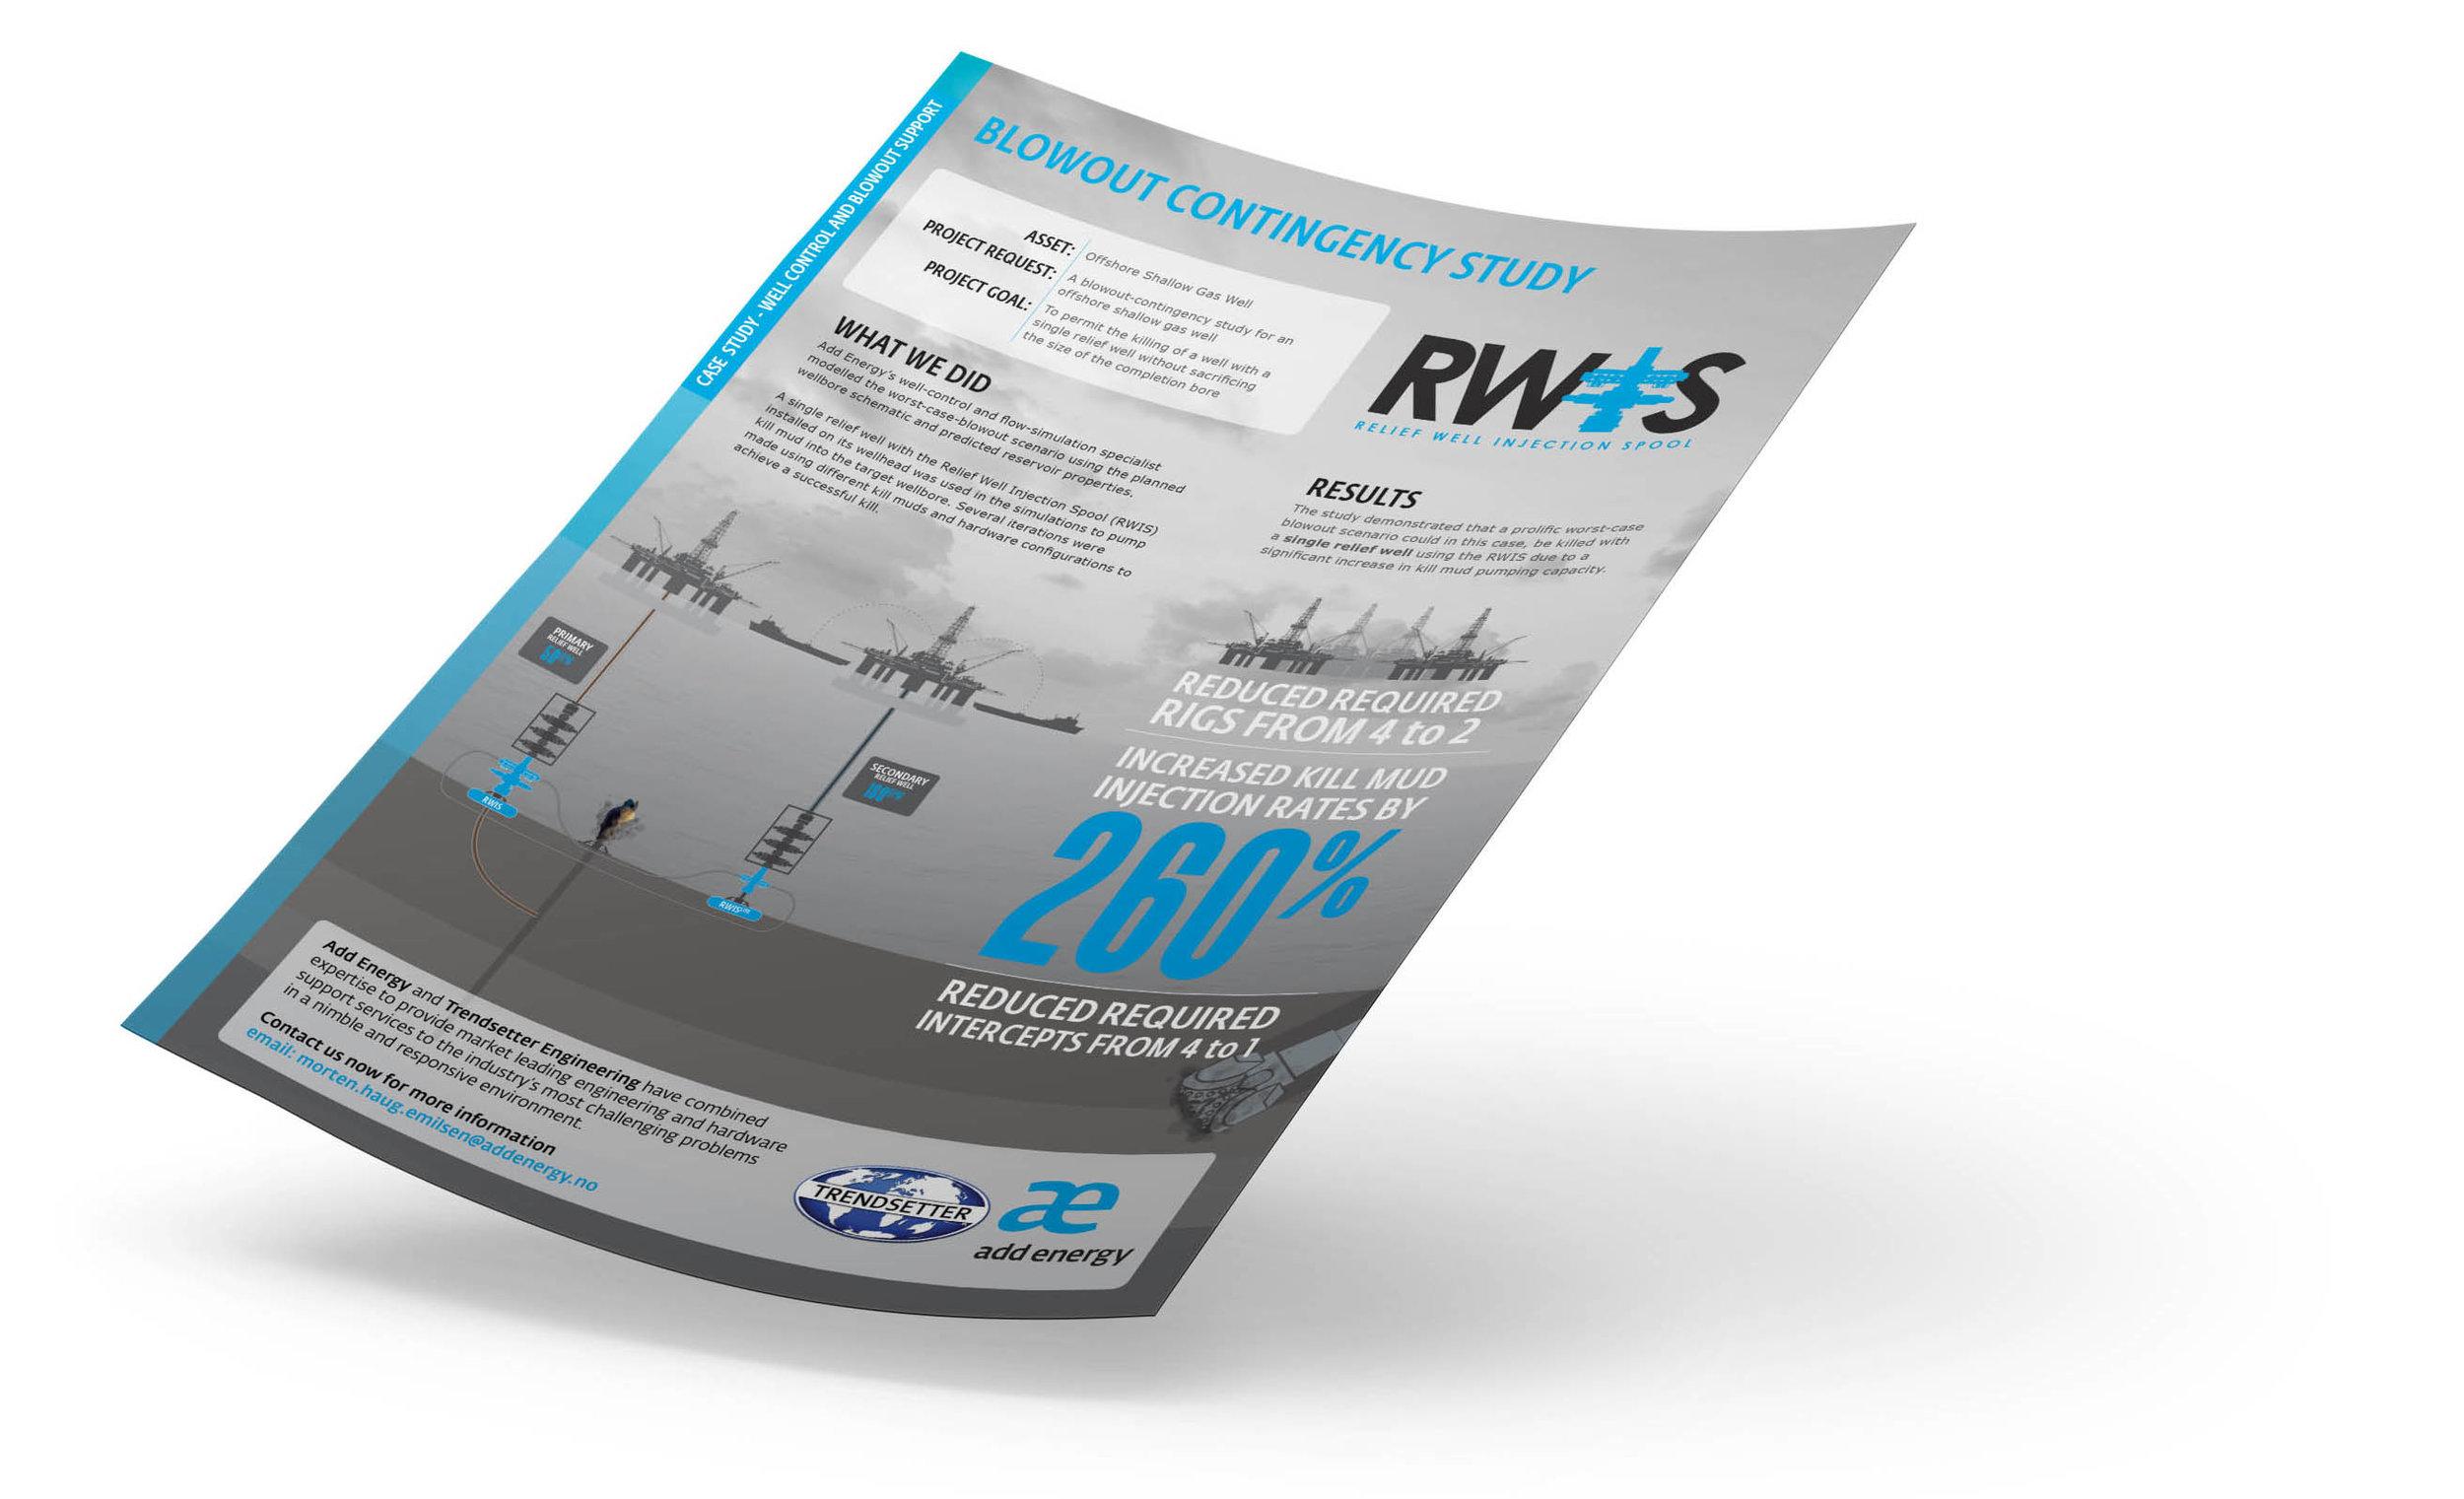 RWIS_Photo_Case_Study_Mockup_v1.jpg